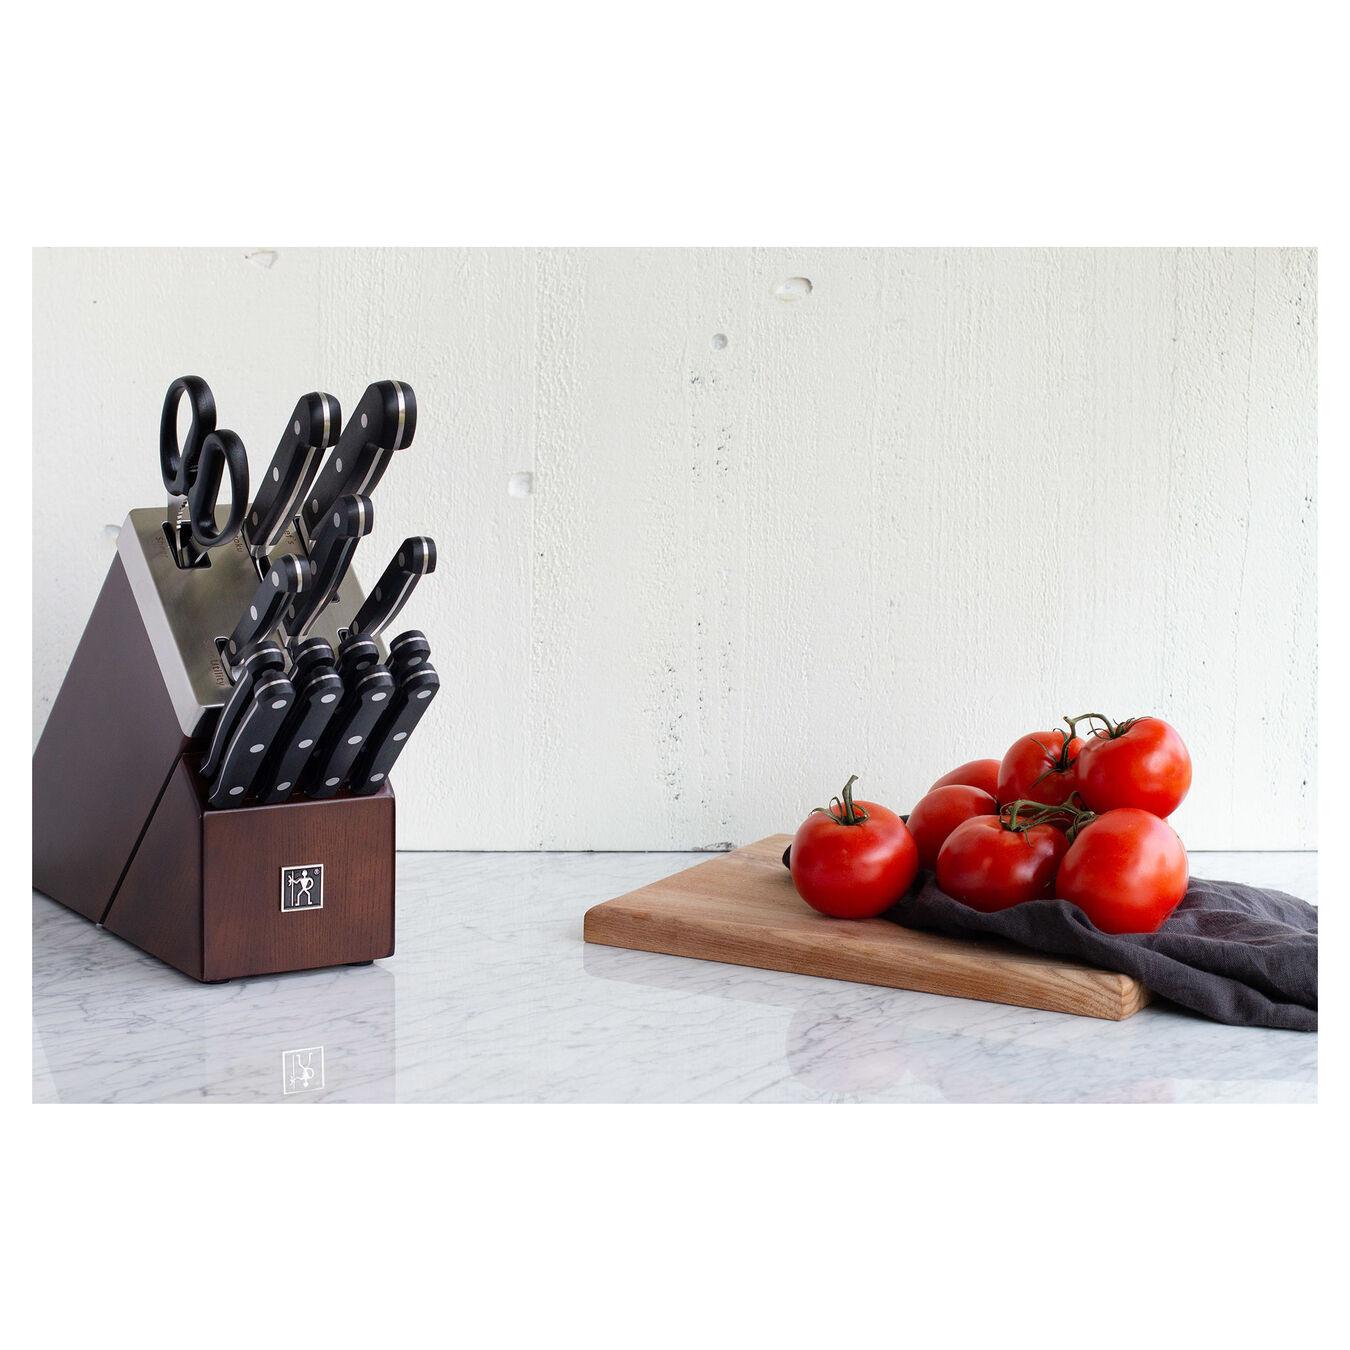 15-pc, Self Sharpening Knife Block Set,,large 3